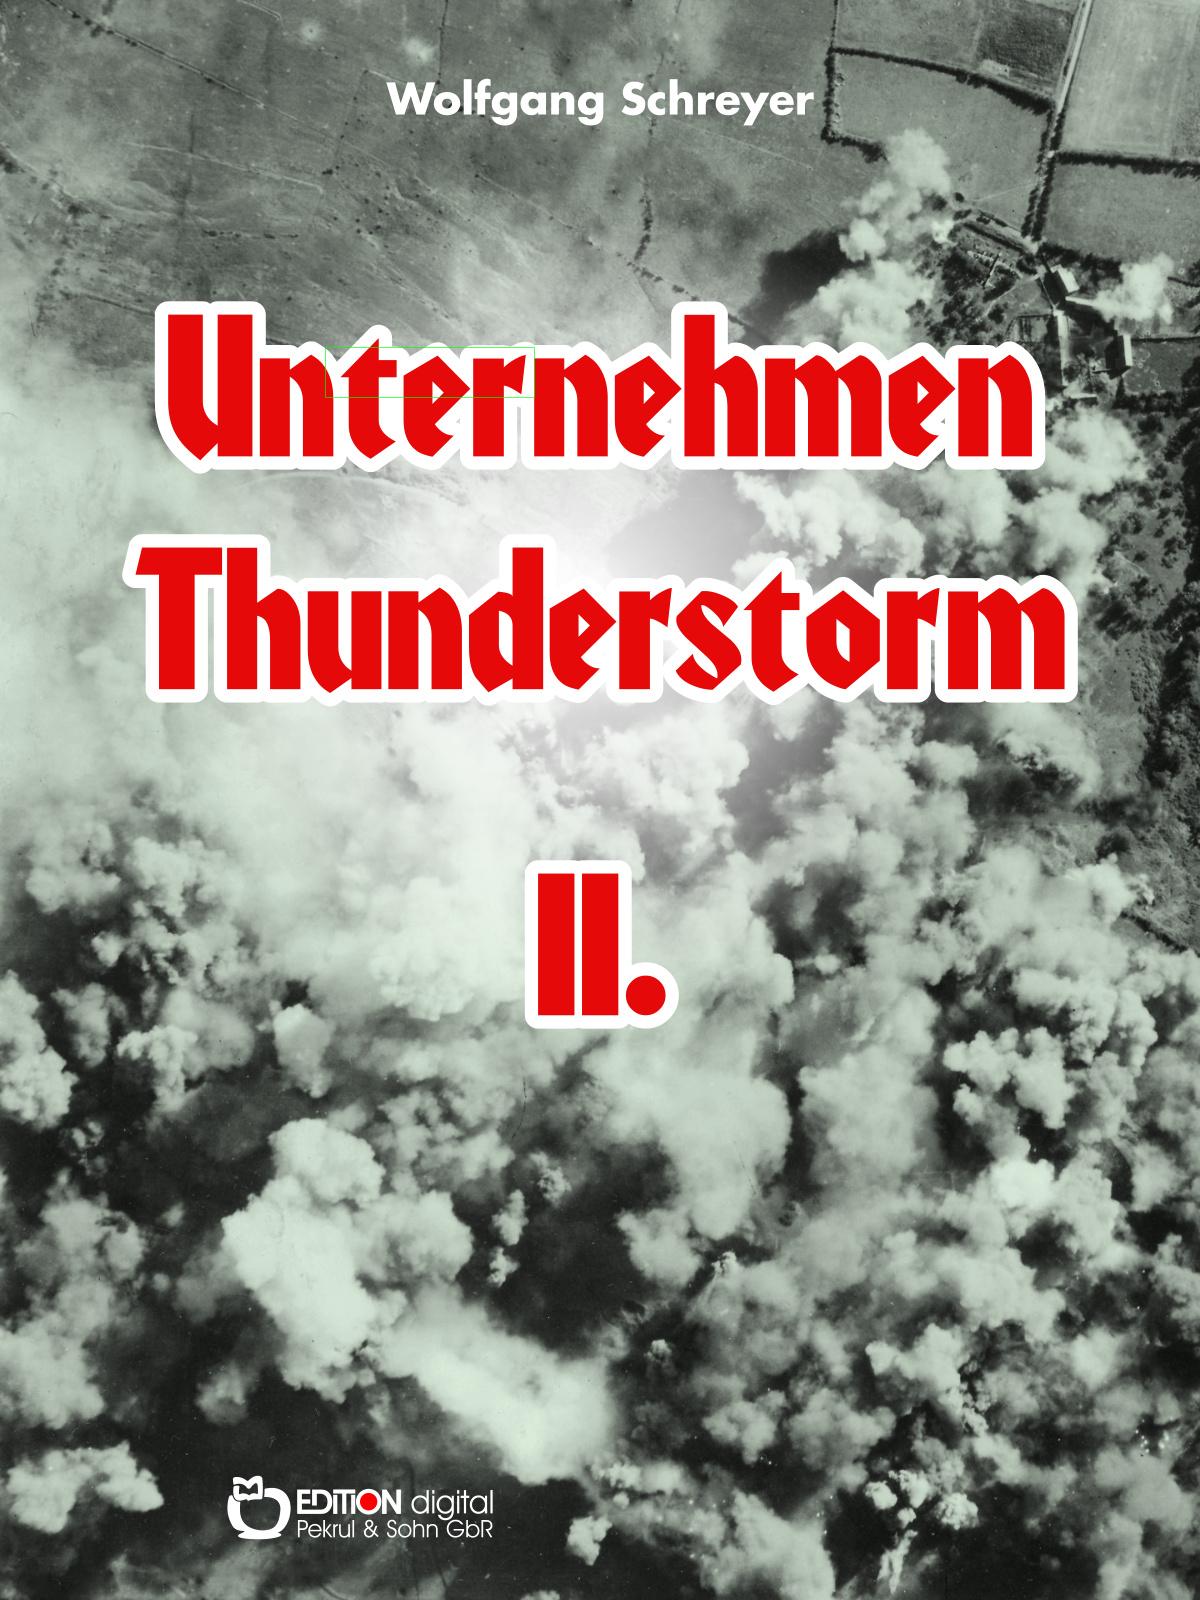 Unternehmen Thunderstorm, Band 2. Roman von Wolfgang Schreyer